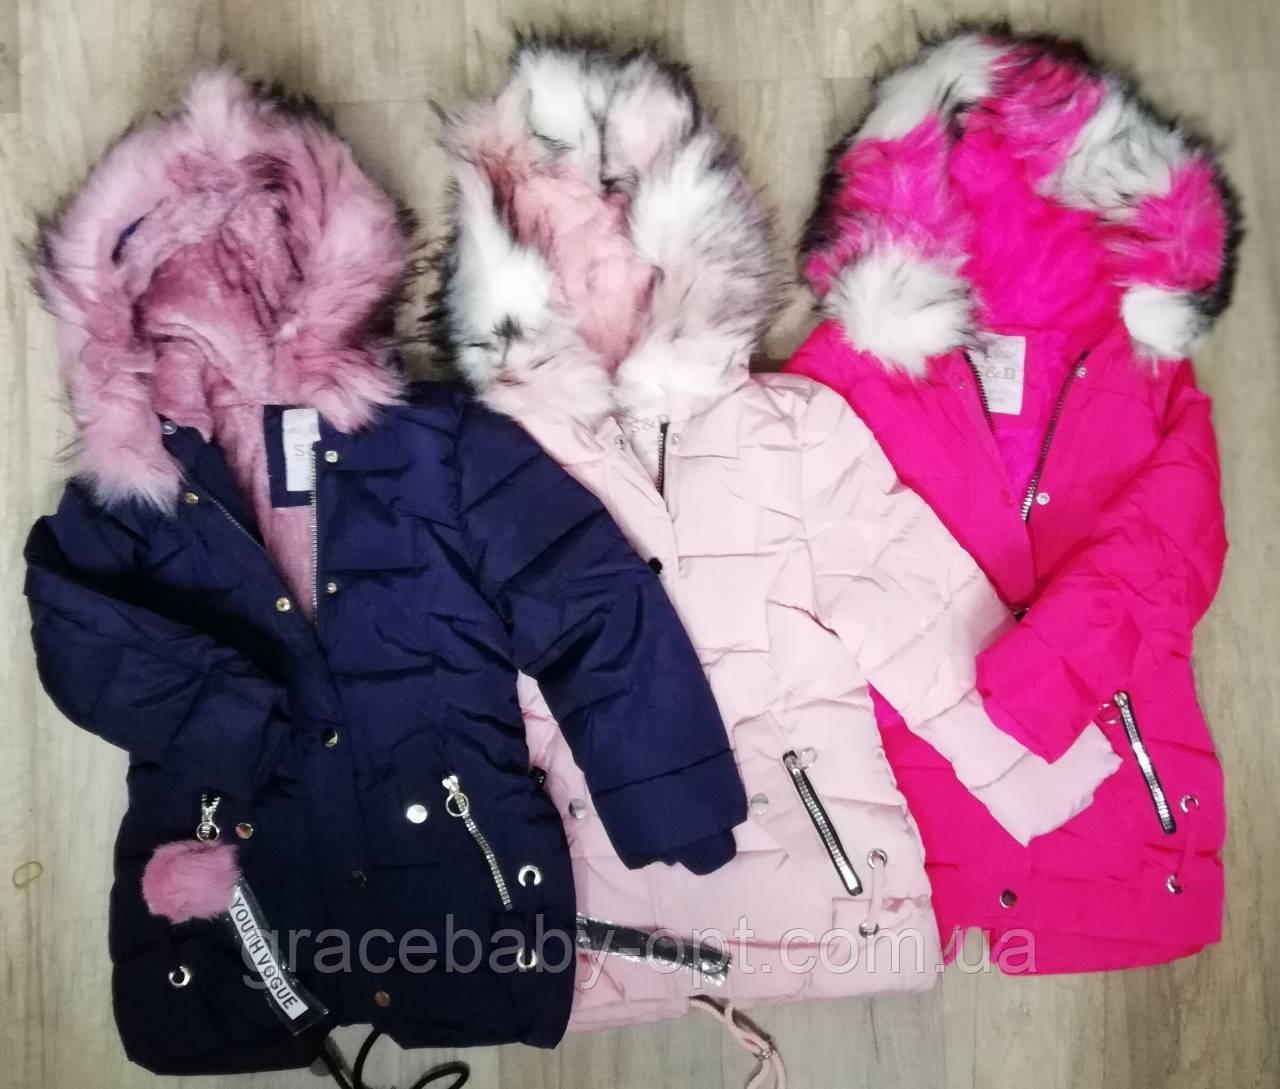 670c12d3f788 Куртка утепленная для девочек оптом, S D, 4-12 лет, № KF-81, цена ...